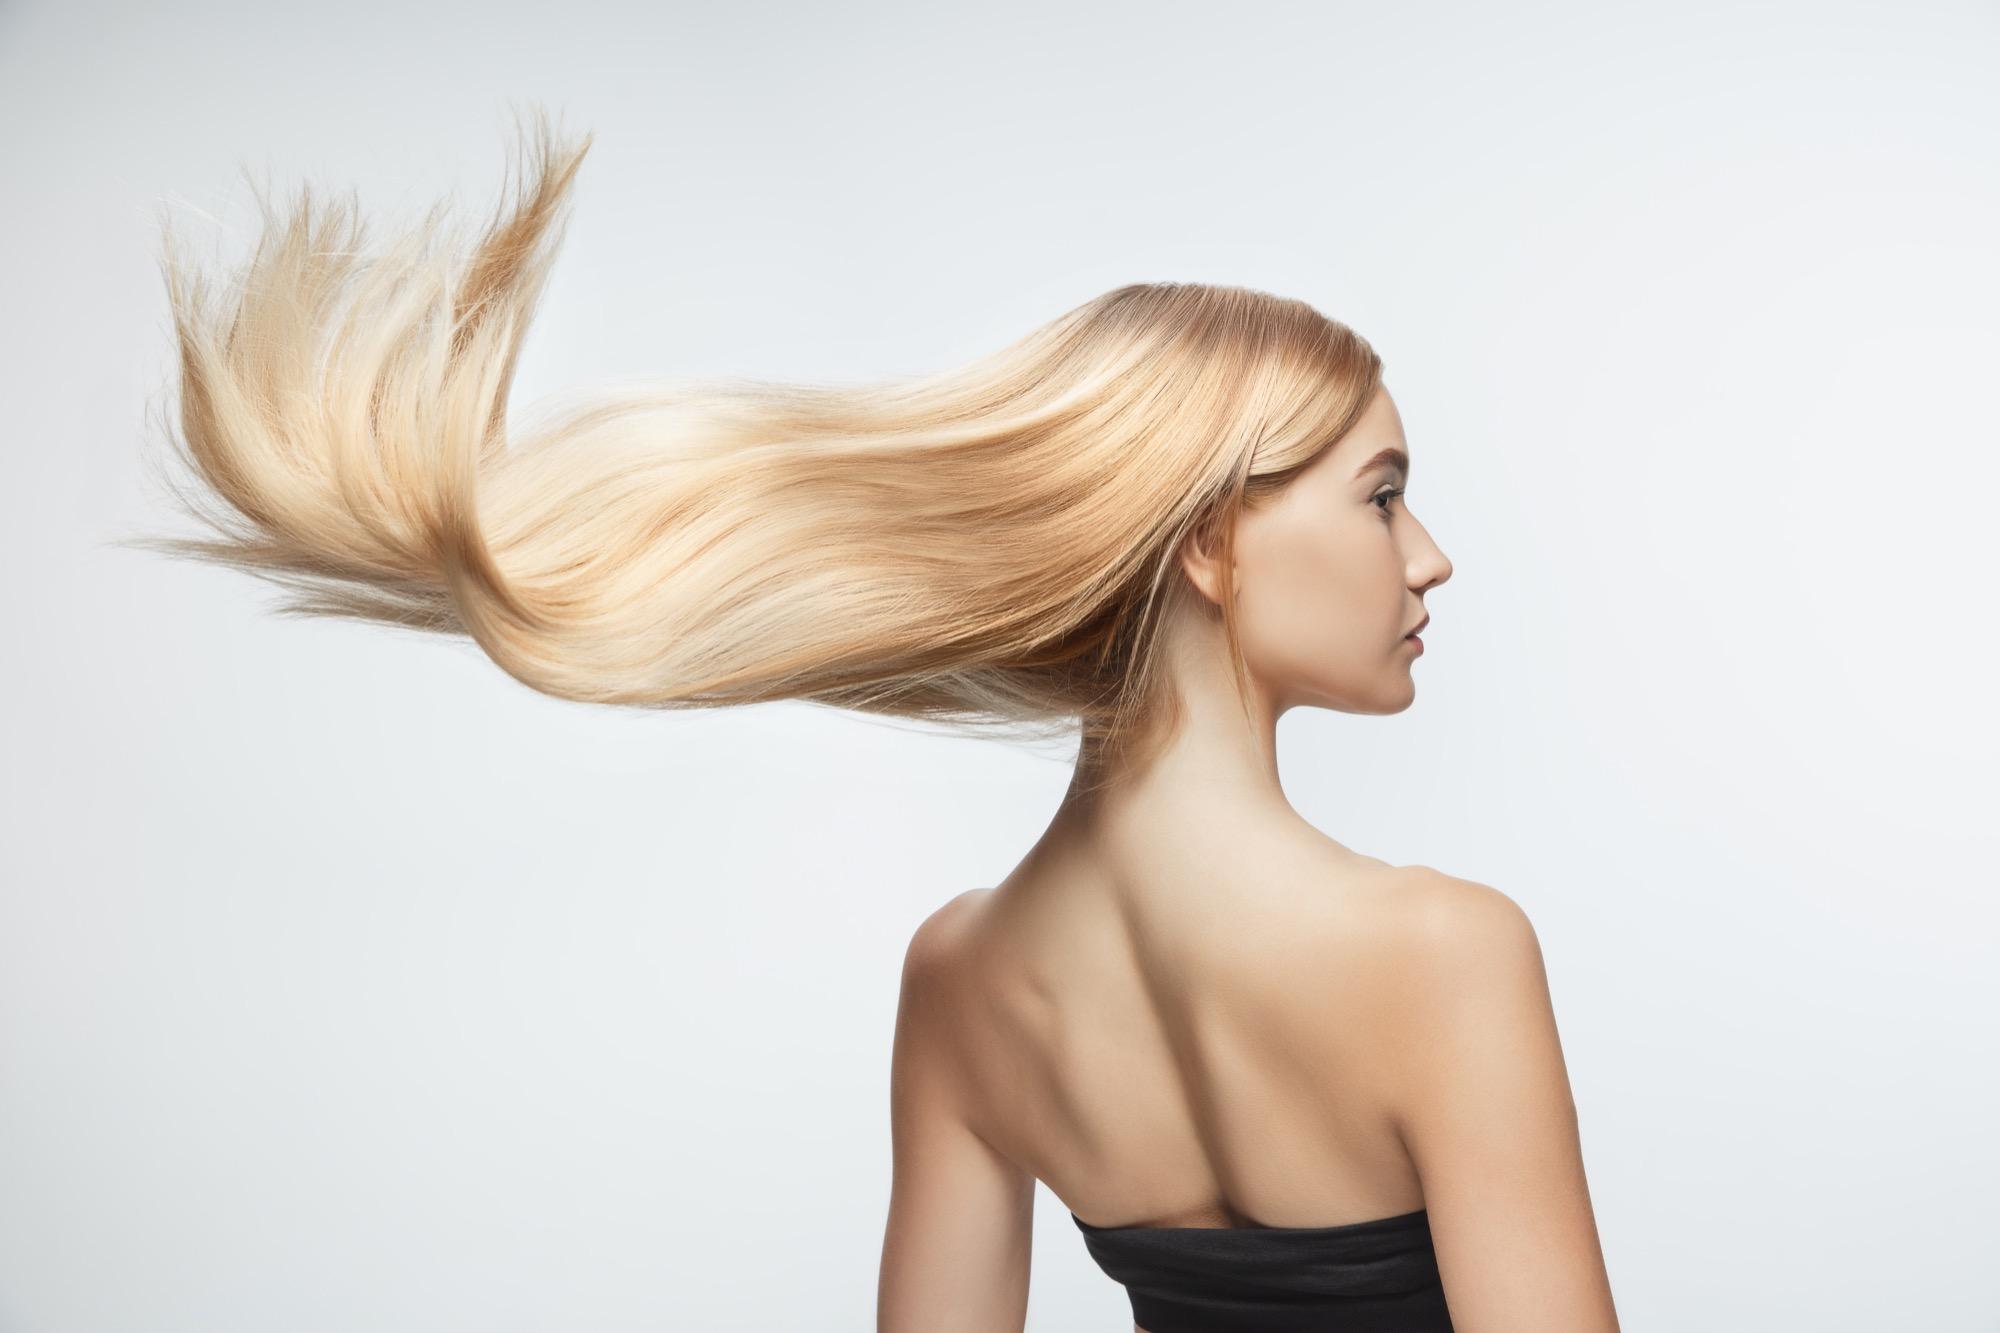 法國娜沙迪髮精品年度VIP體驗會